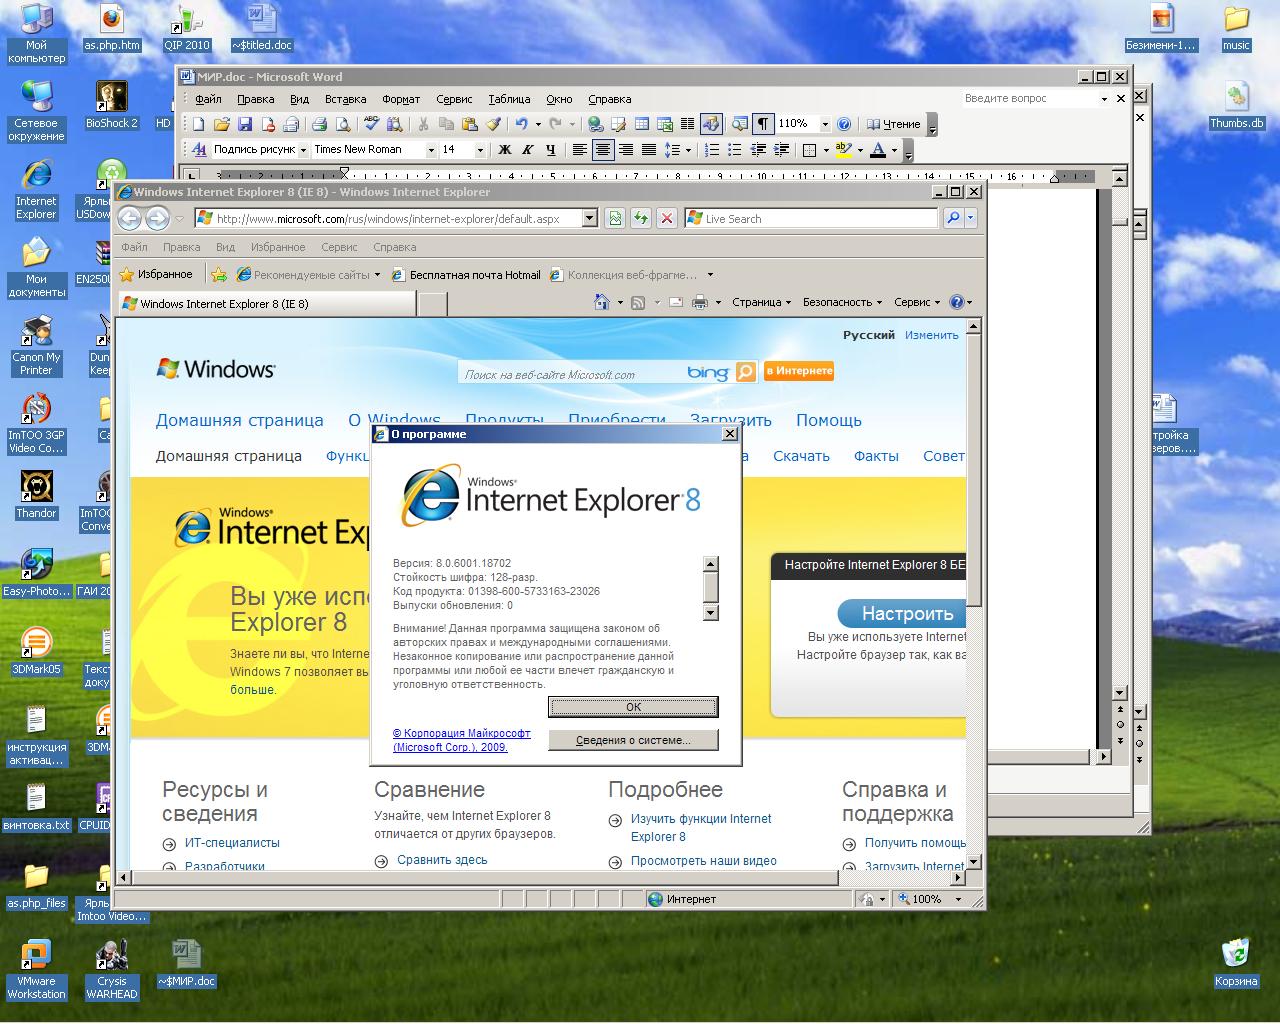 Обновить Internet Explorer